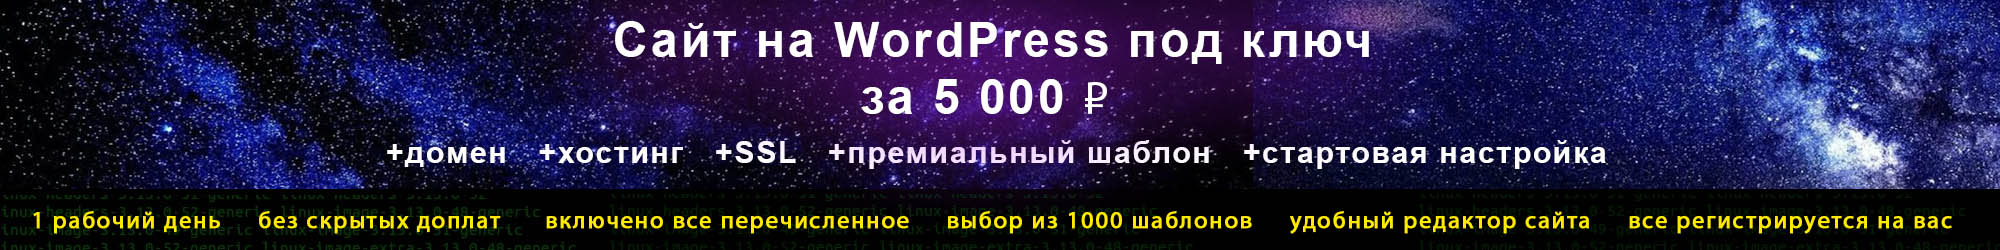 сайт на ВордПресс за 5000